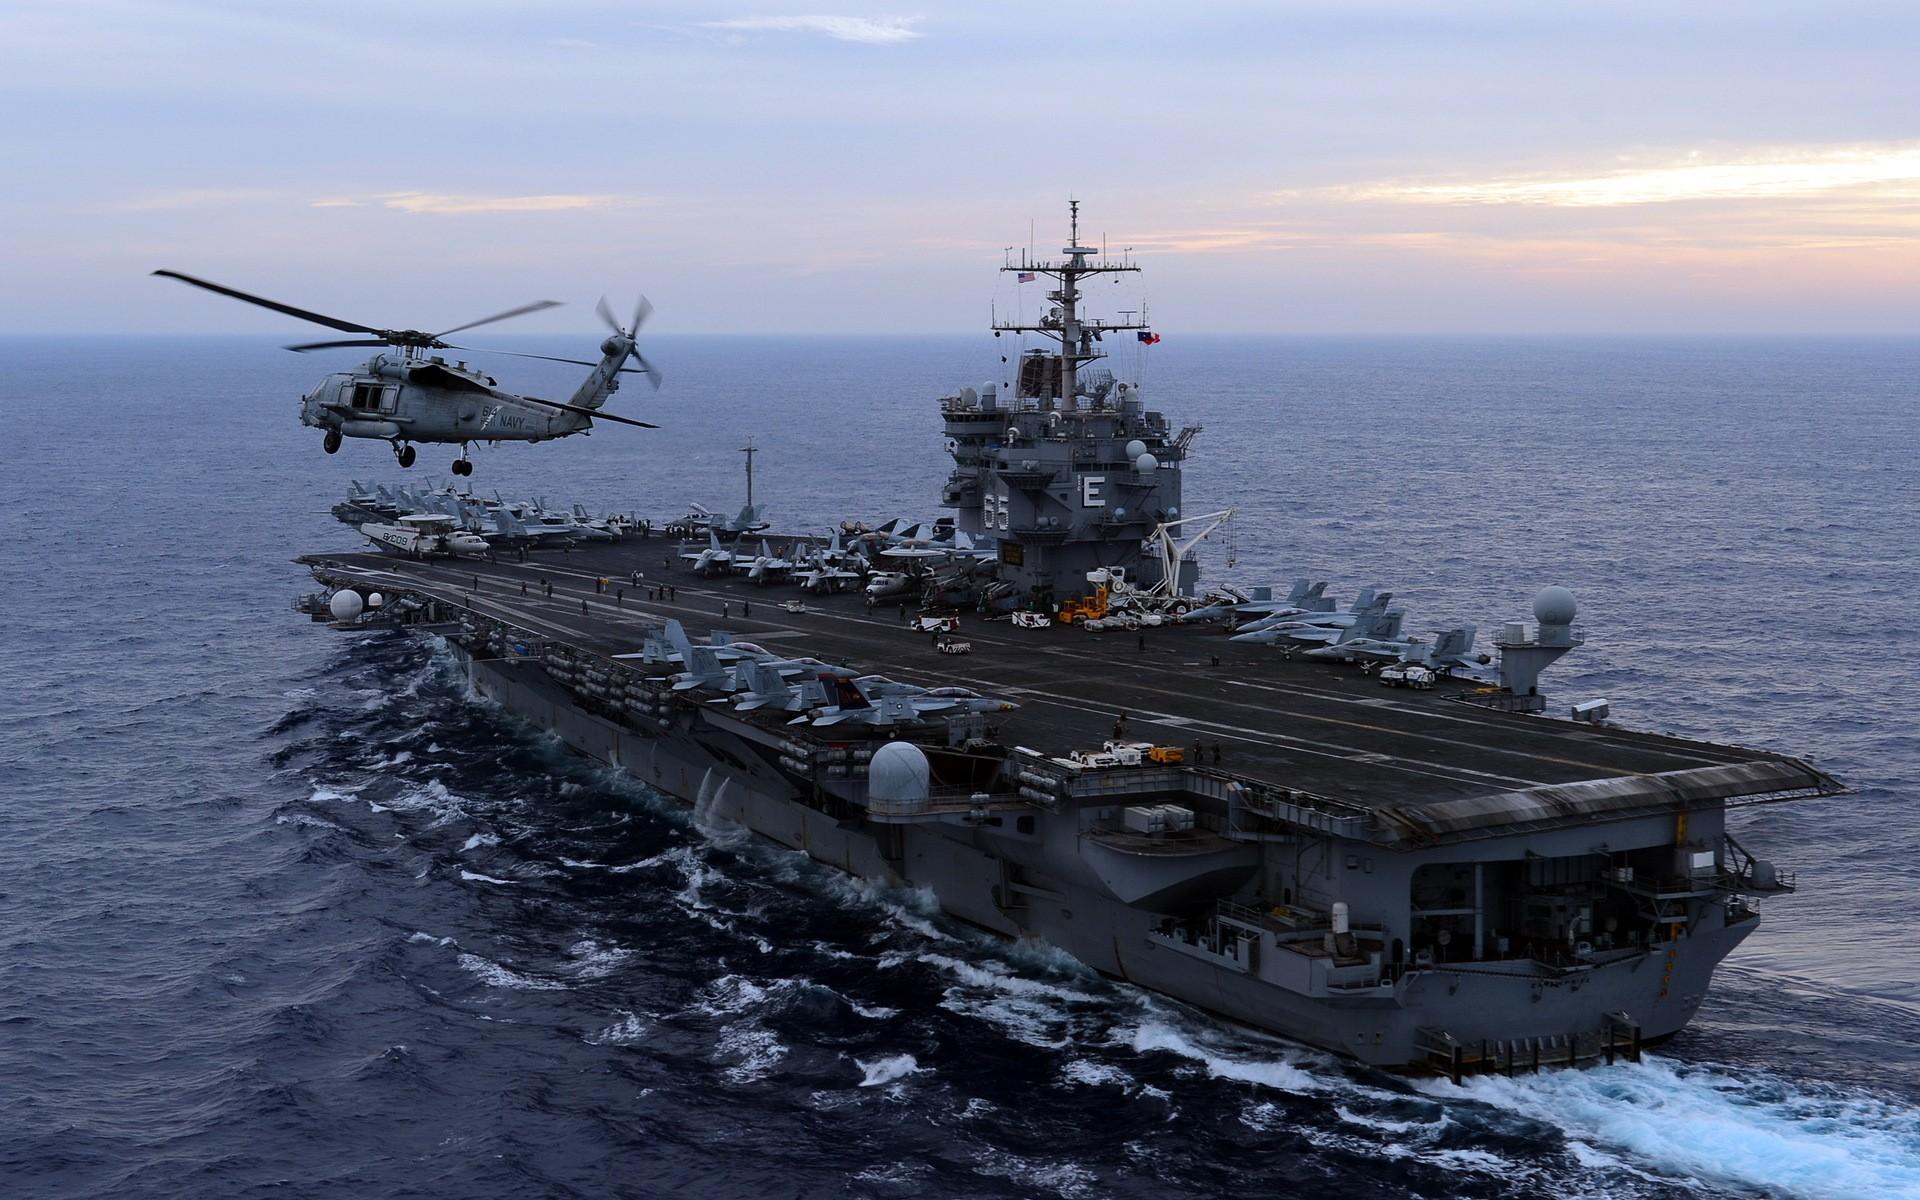 картинки про военных кораблей просит проявить заботу